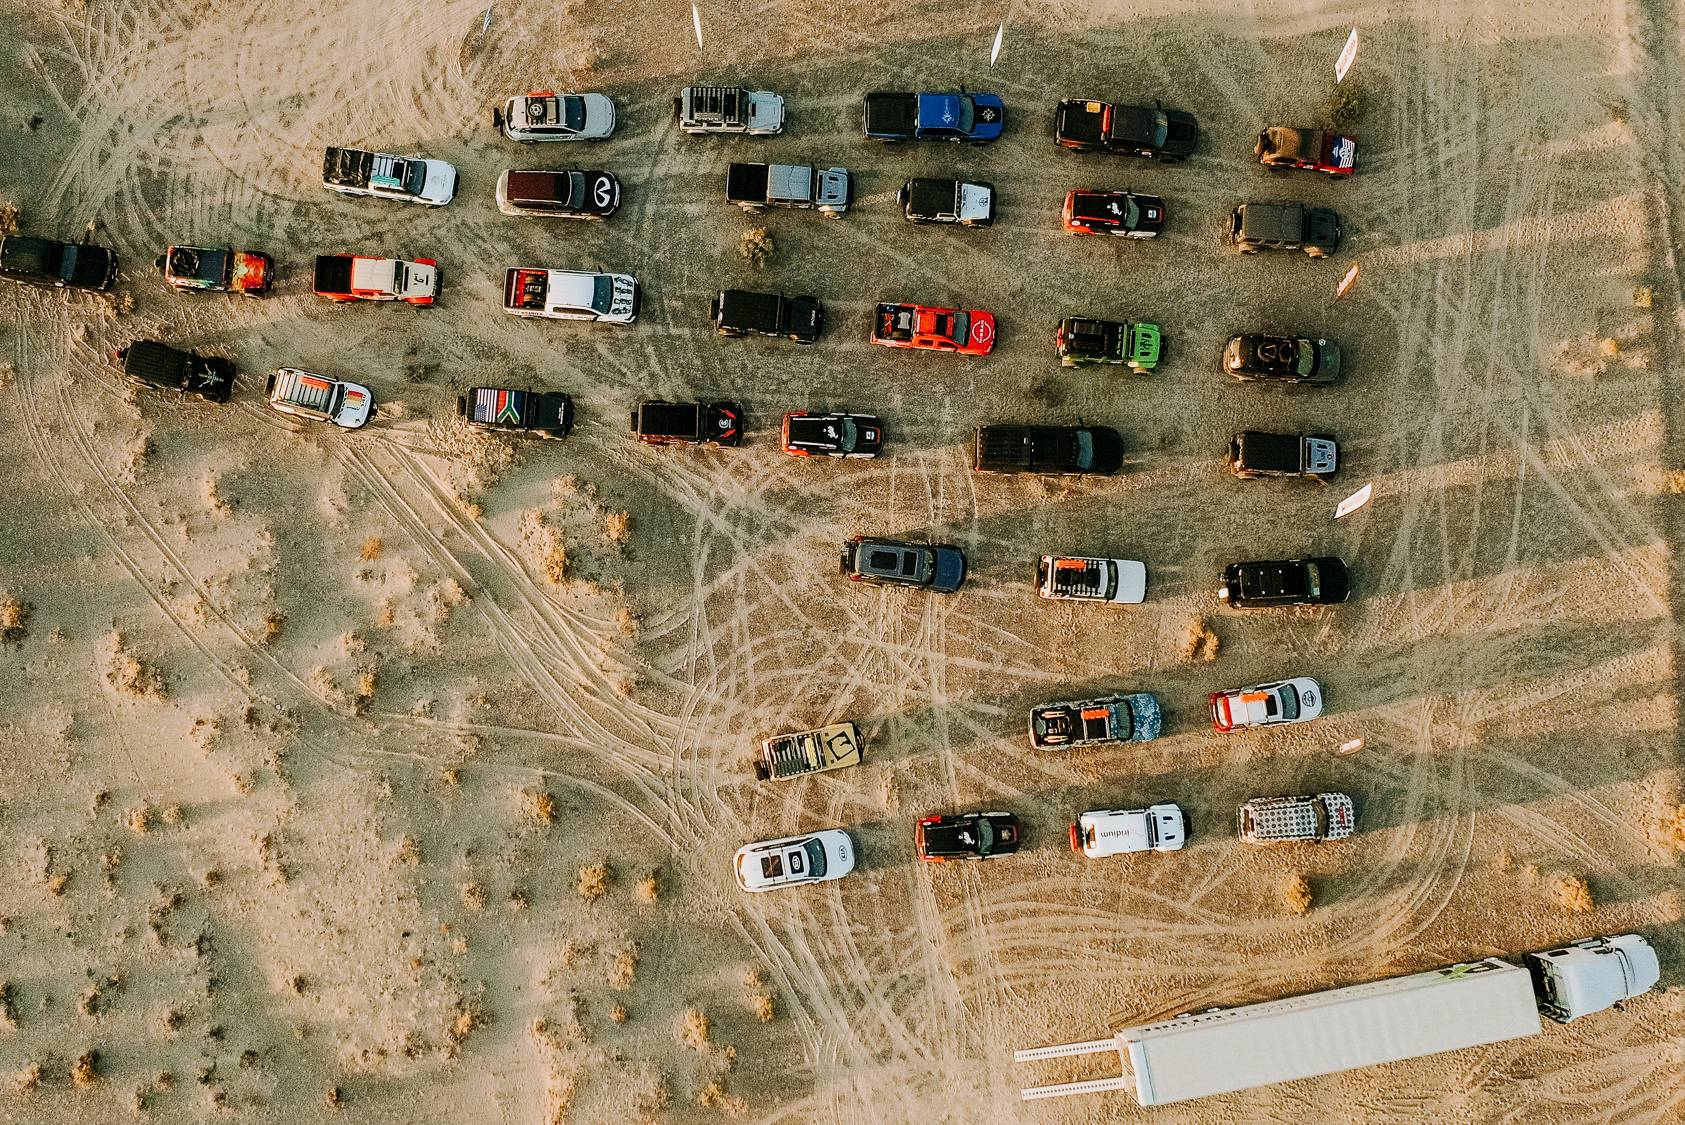 Foto aérea del rally rebelde 2020